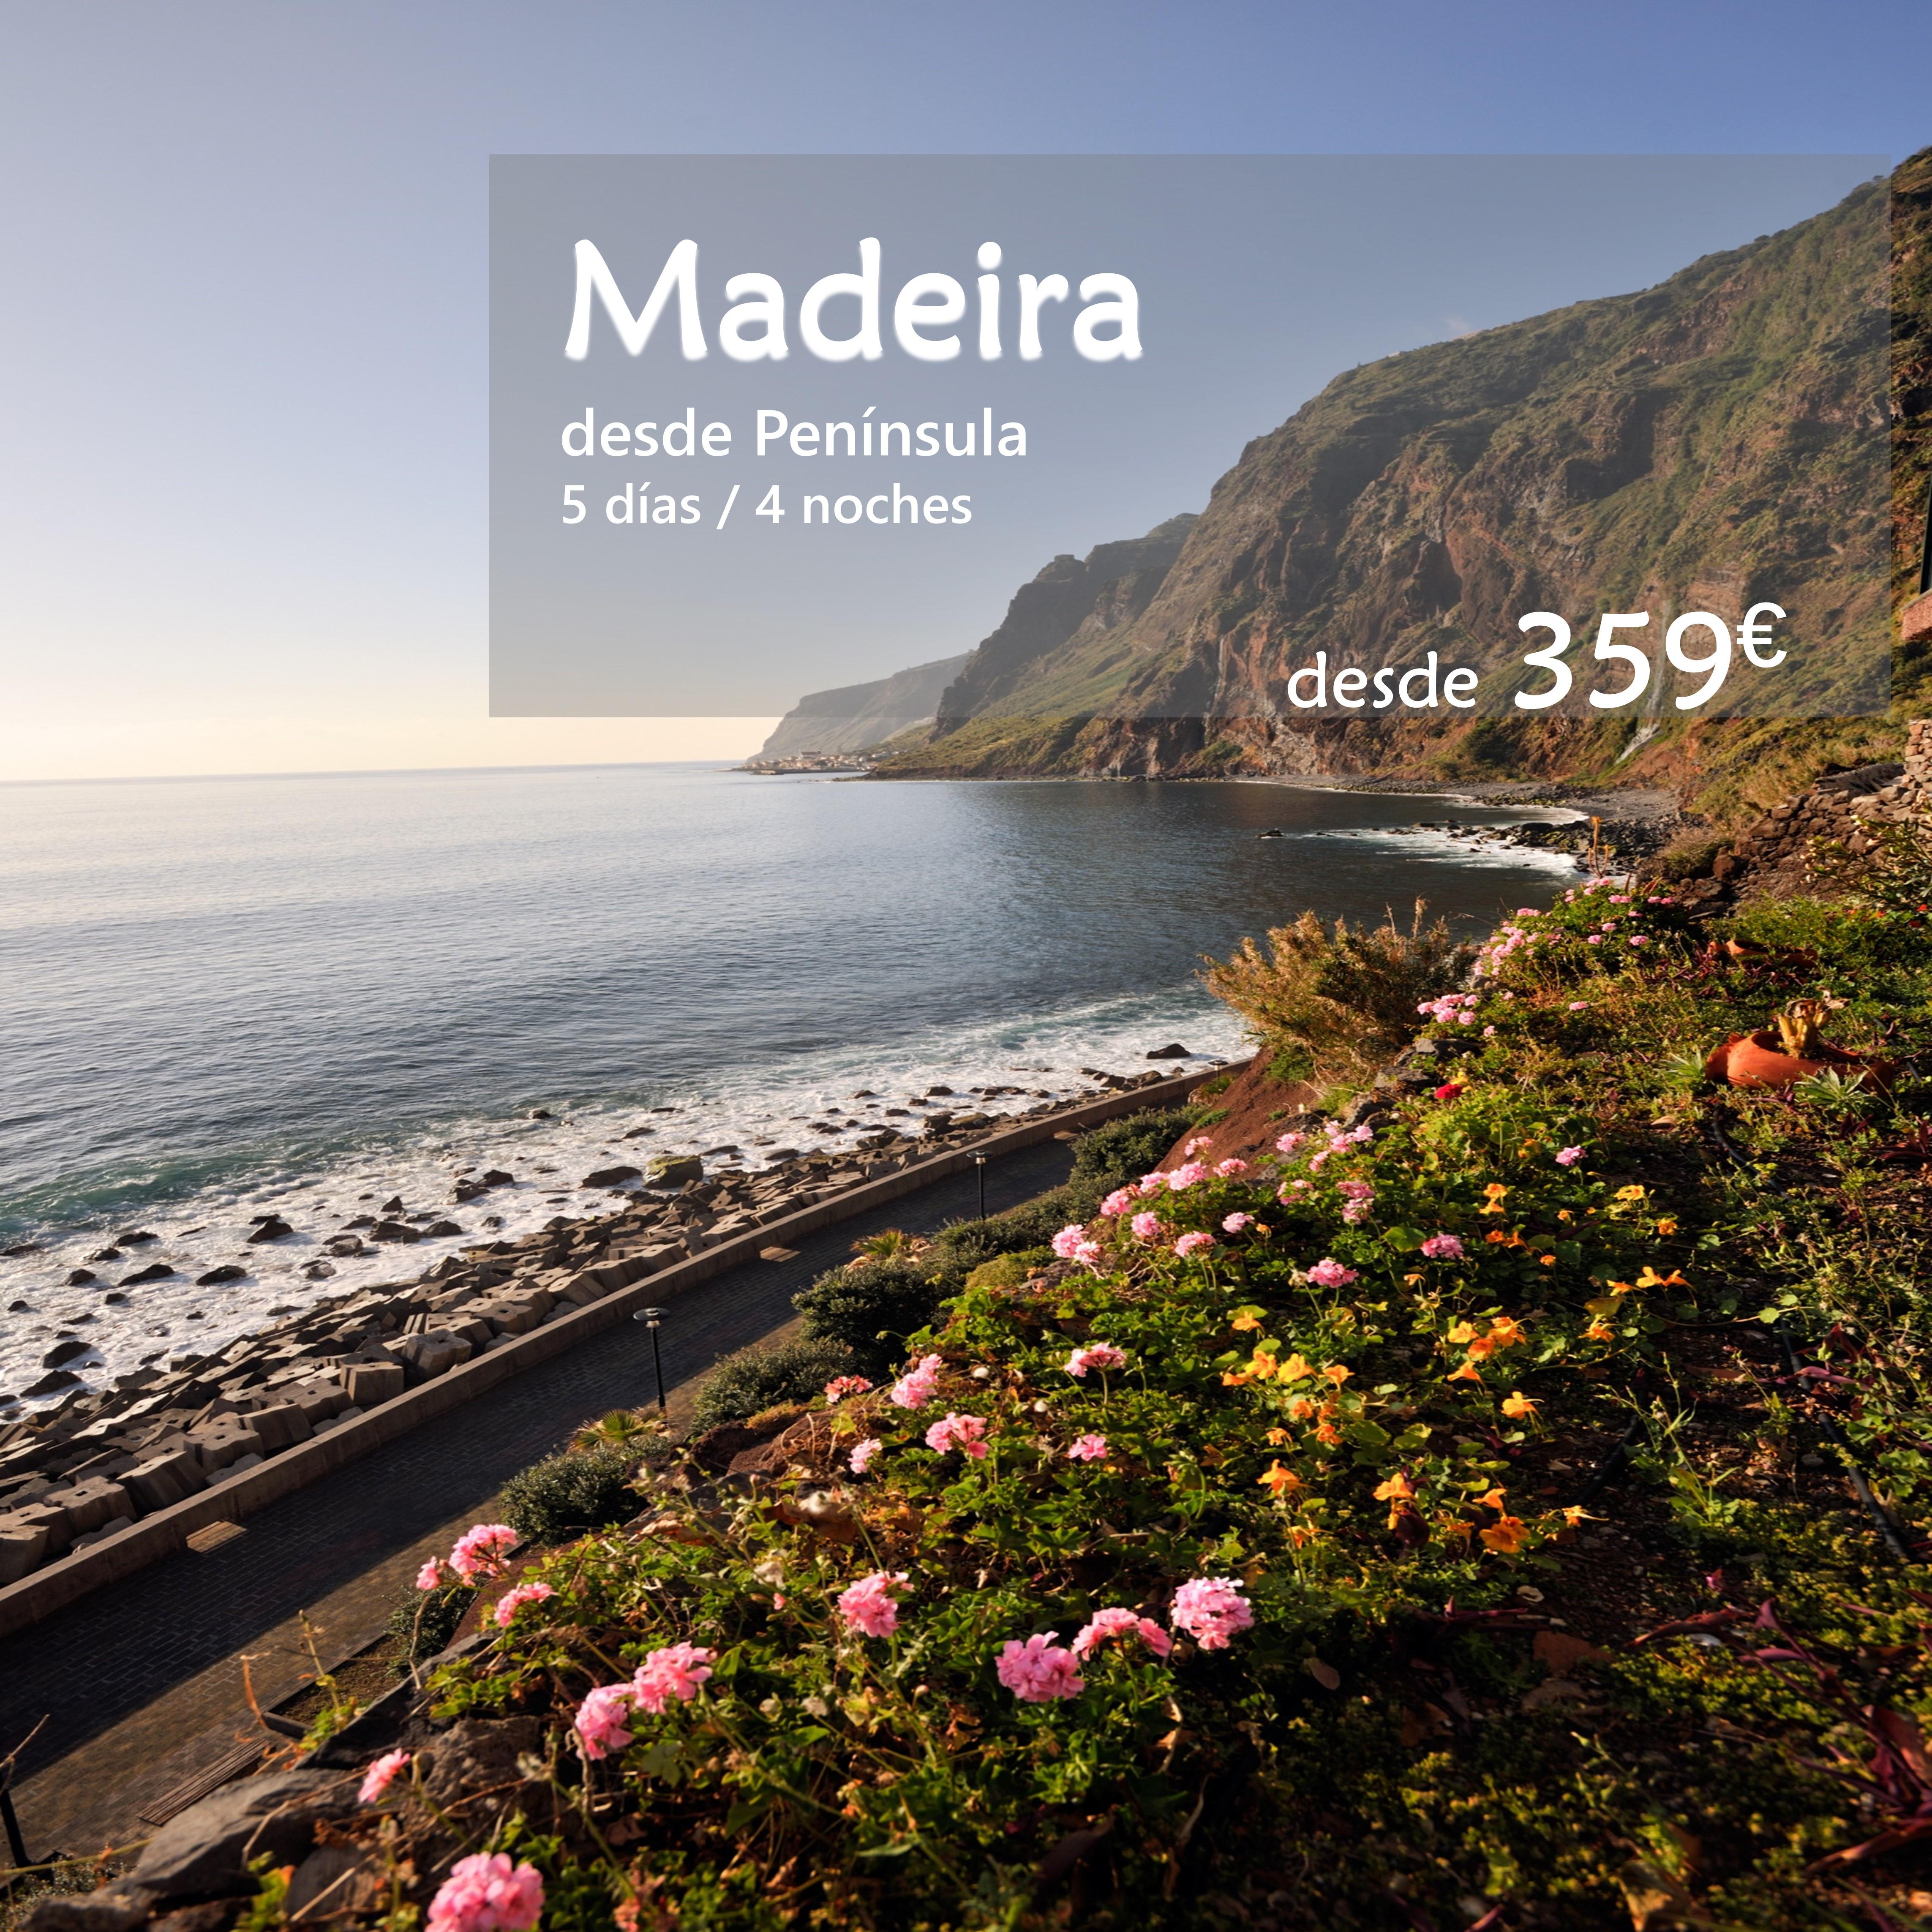 Madeira Estancias